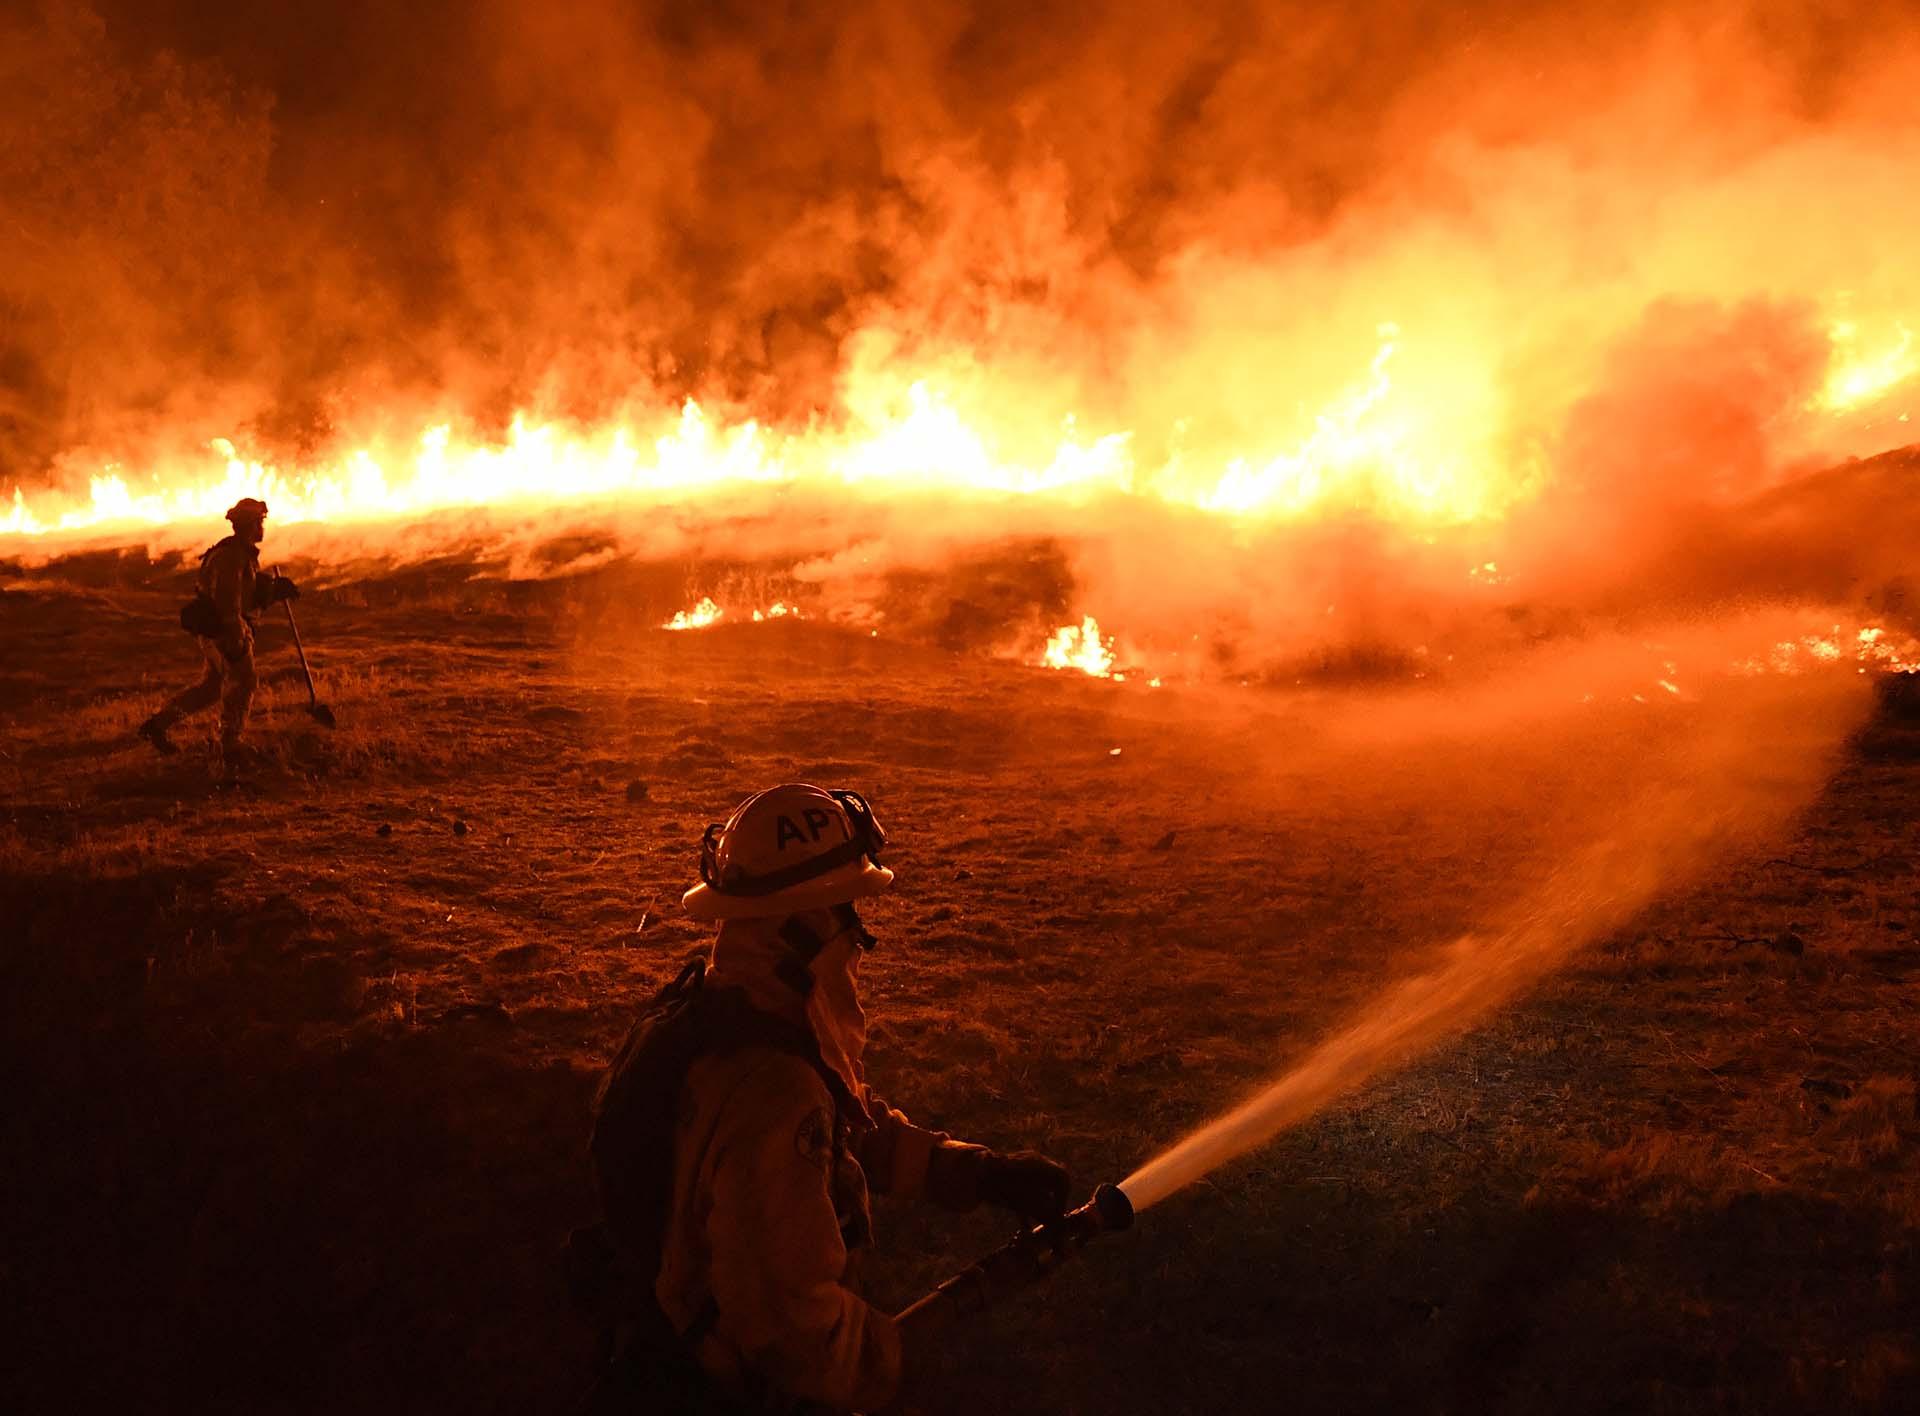 """Los bomberos lograron notables avances en las últimas horas en su lucha contra el incendio """"Mendocino Complex"""", que con más de 121.400 hectáreas arrasadas es el fuego más destructivo registrado en la historia de California (EEUU)"""